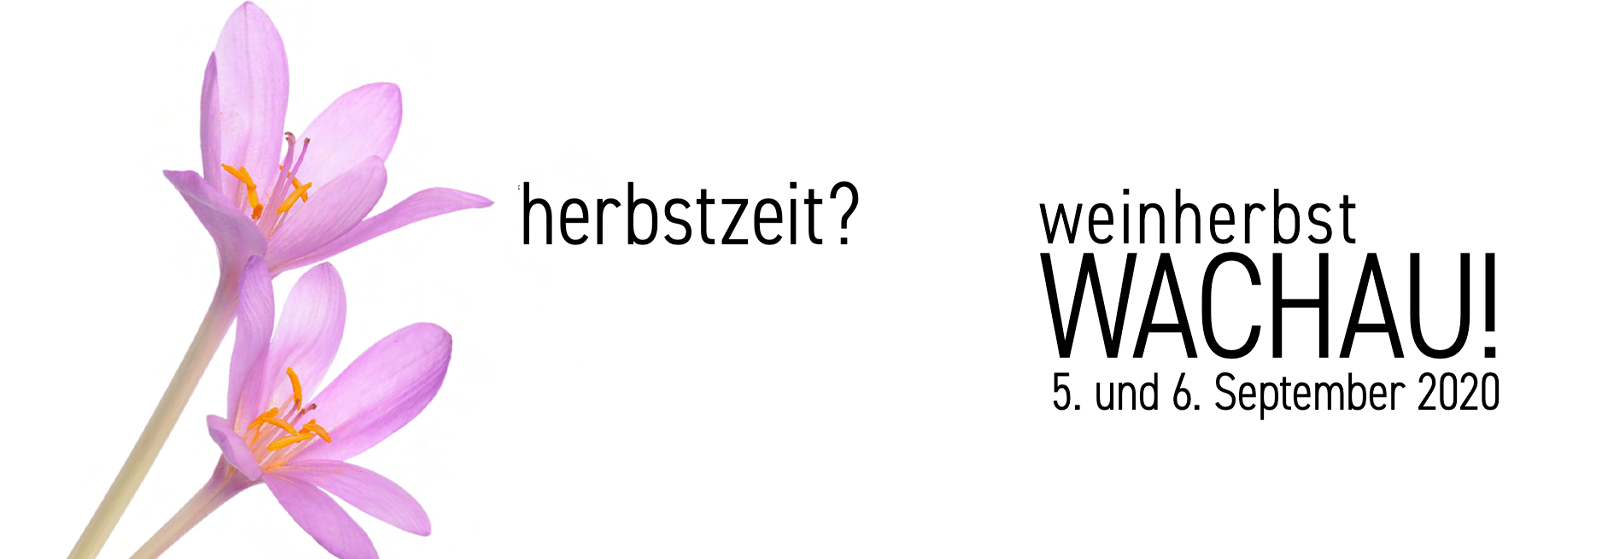 Weinherbst Wachau